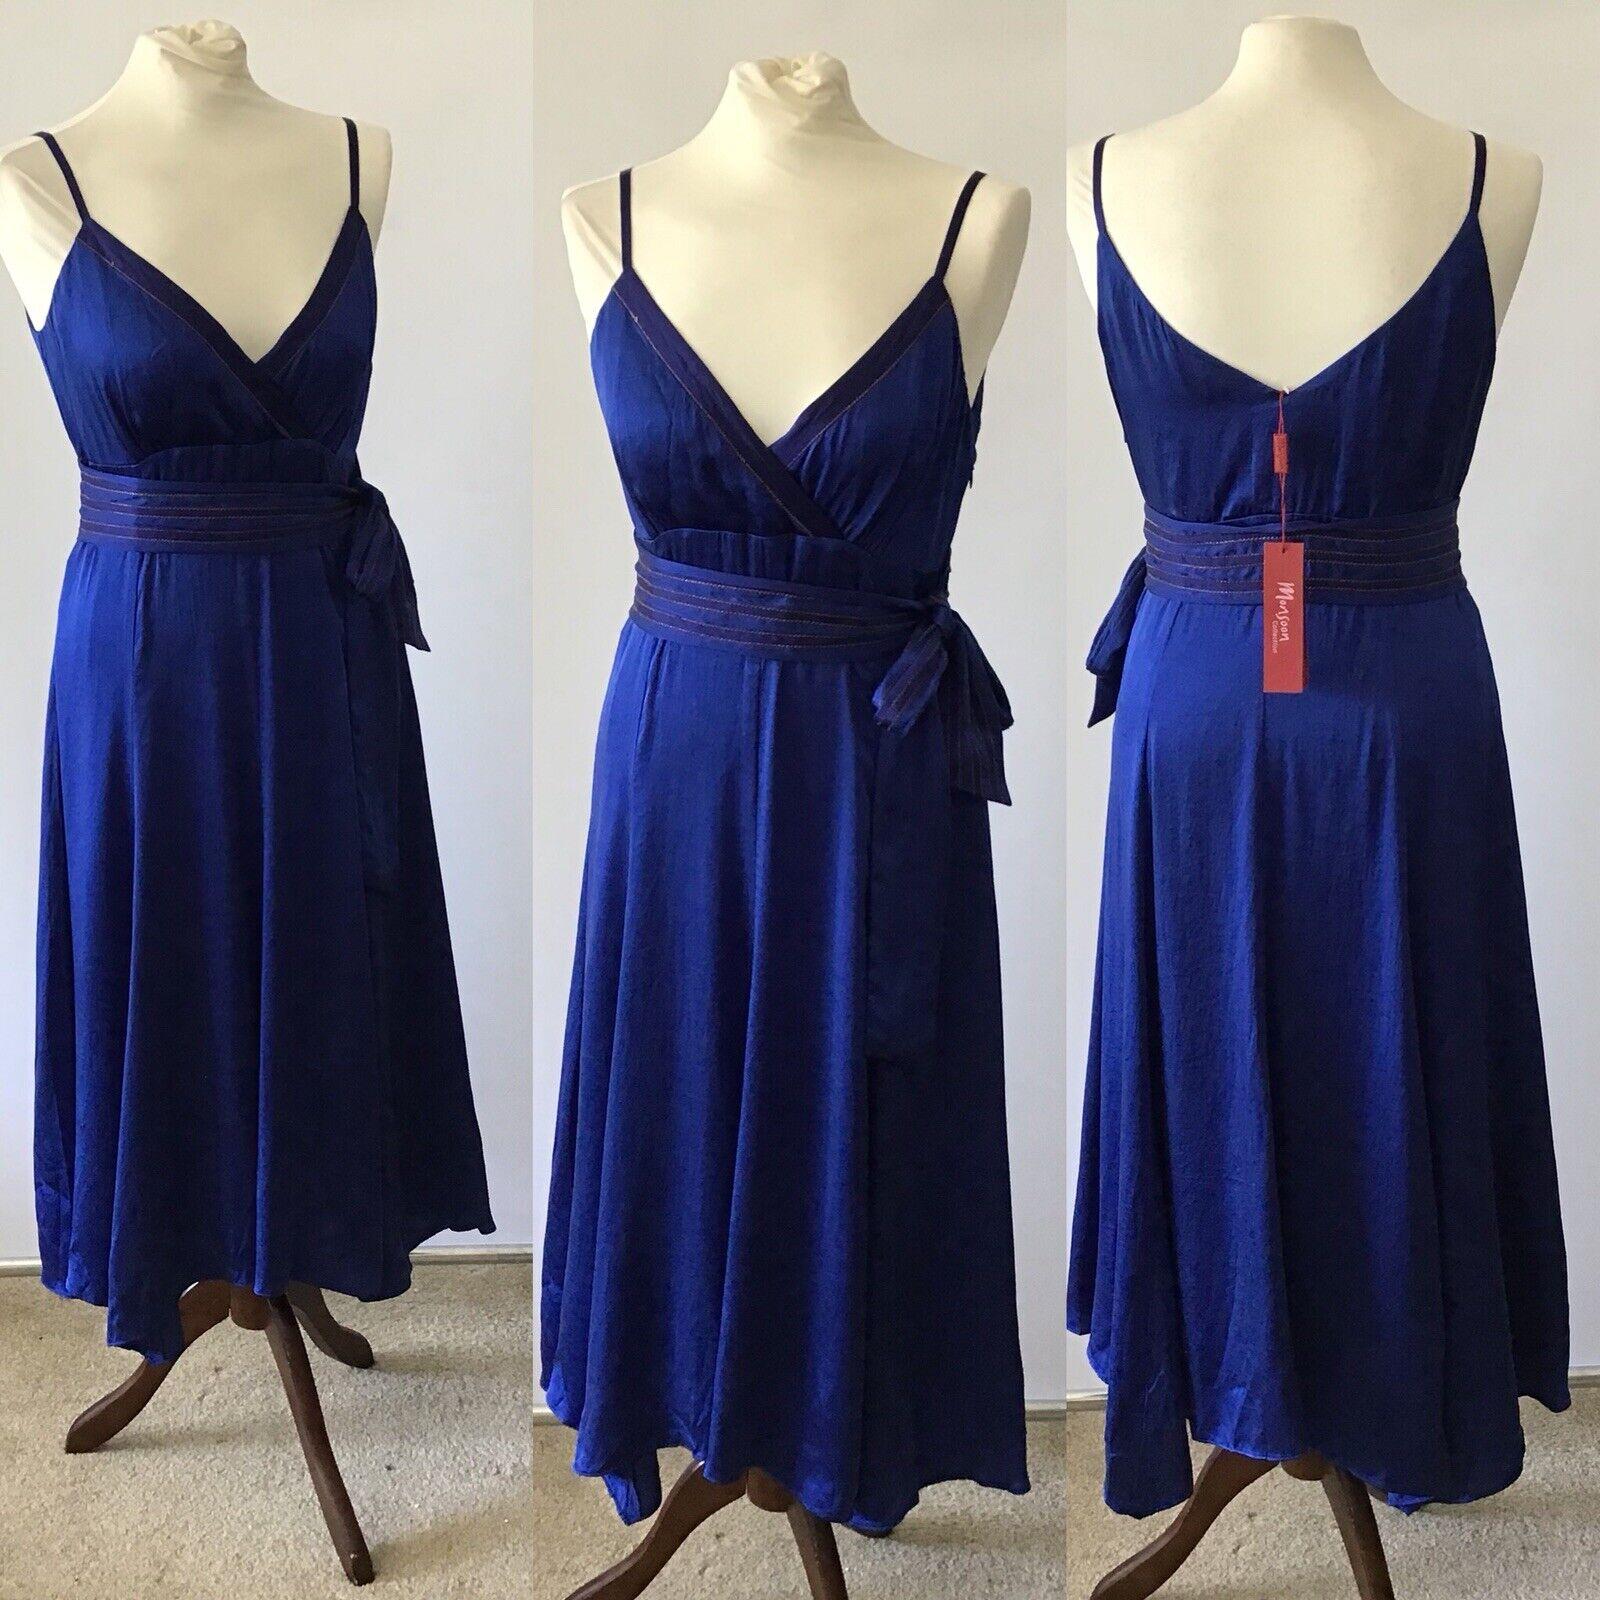 Monsoon Silk Cobalt Blau Straps Strappy Dress Größe 10 Wedding Party